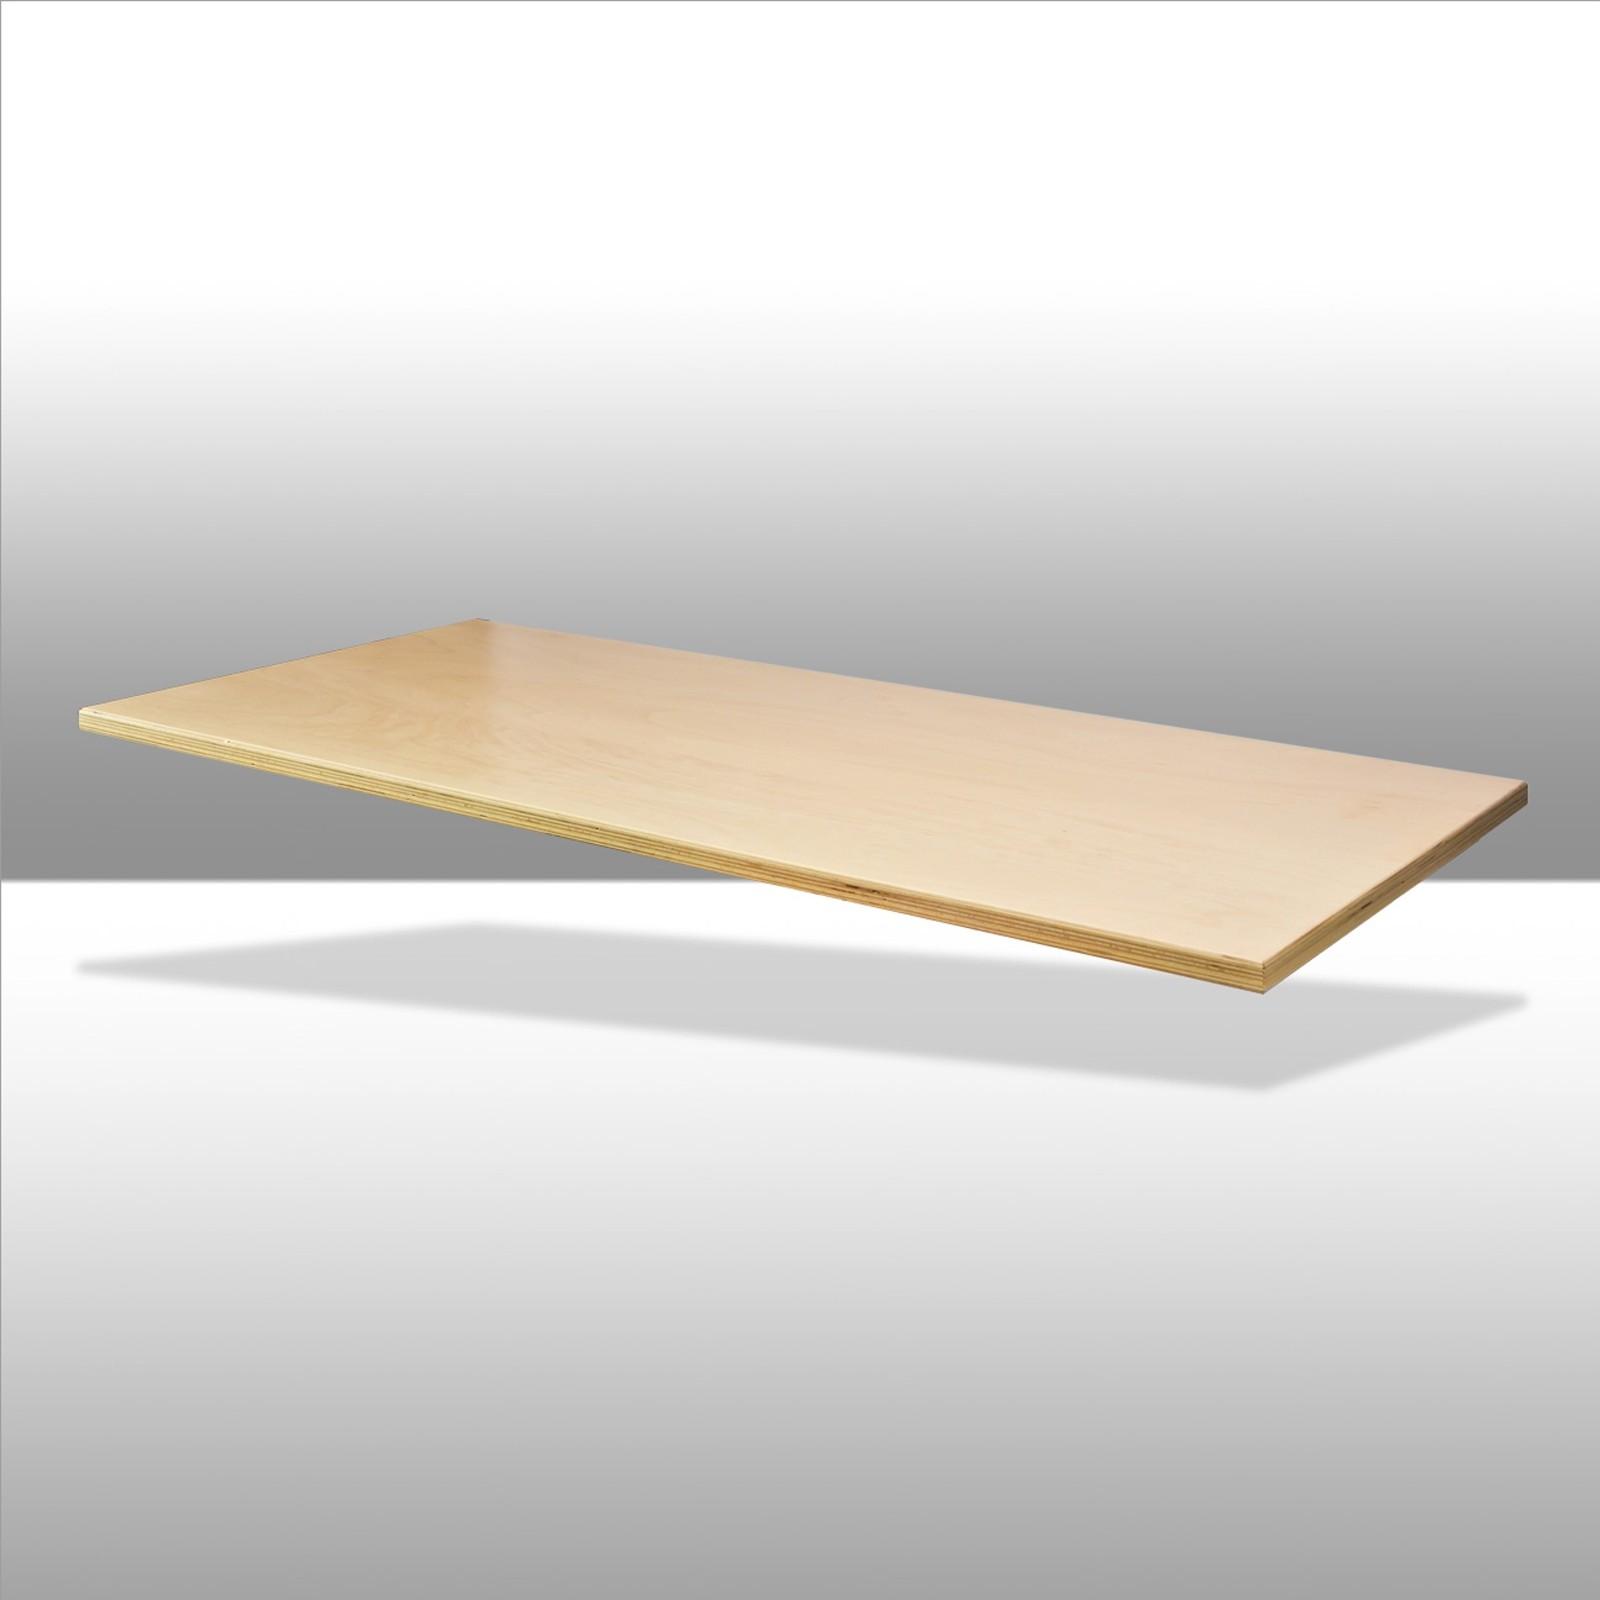 modul werkbank arbeitsplatte 1500x690x30 mm